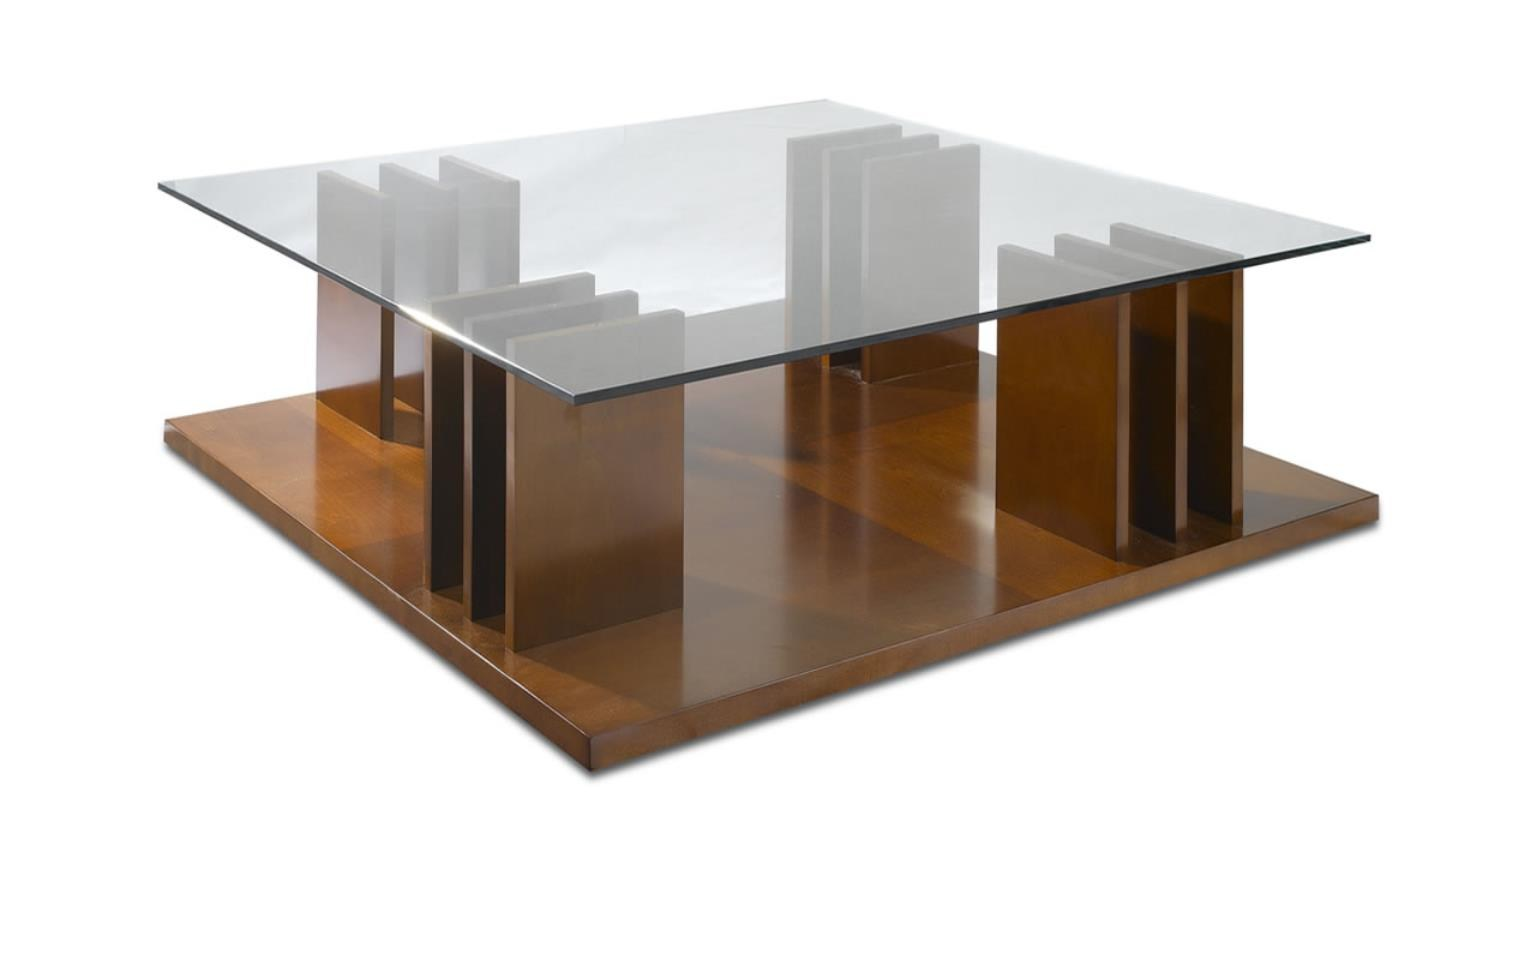 Table basse carr e en bois avec porte revues int gr de - Les chevaliers de la table basse ...